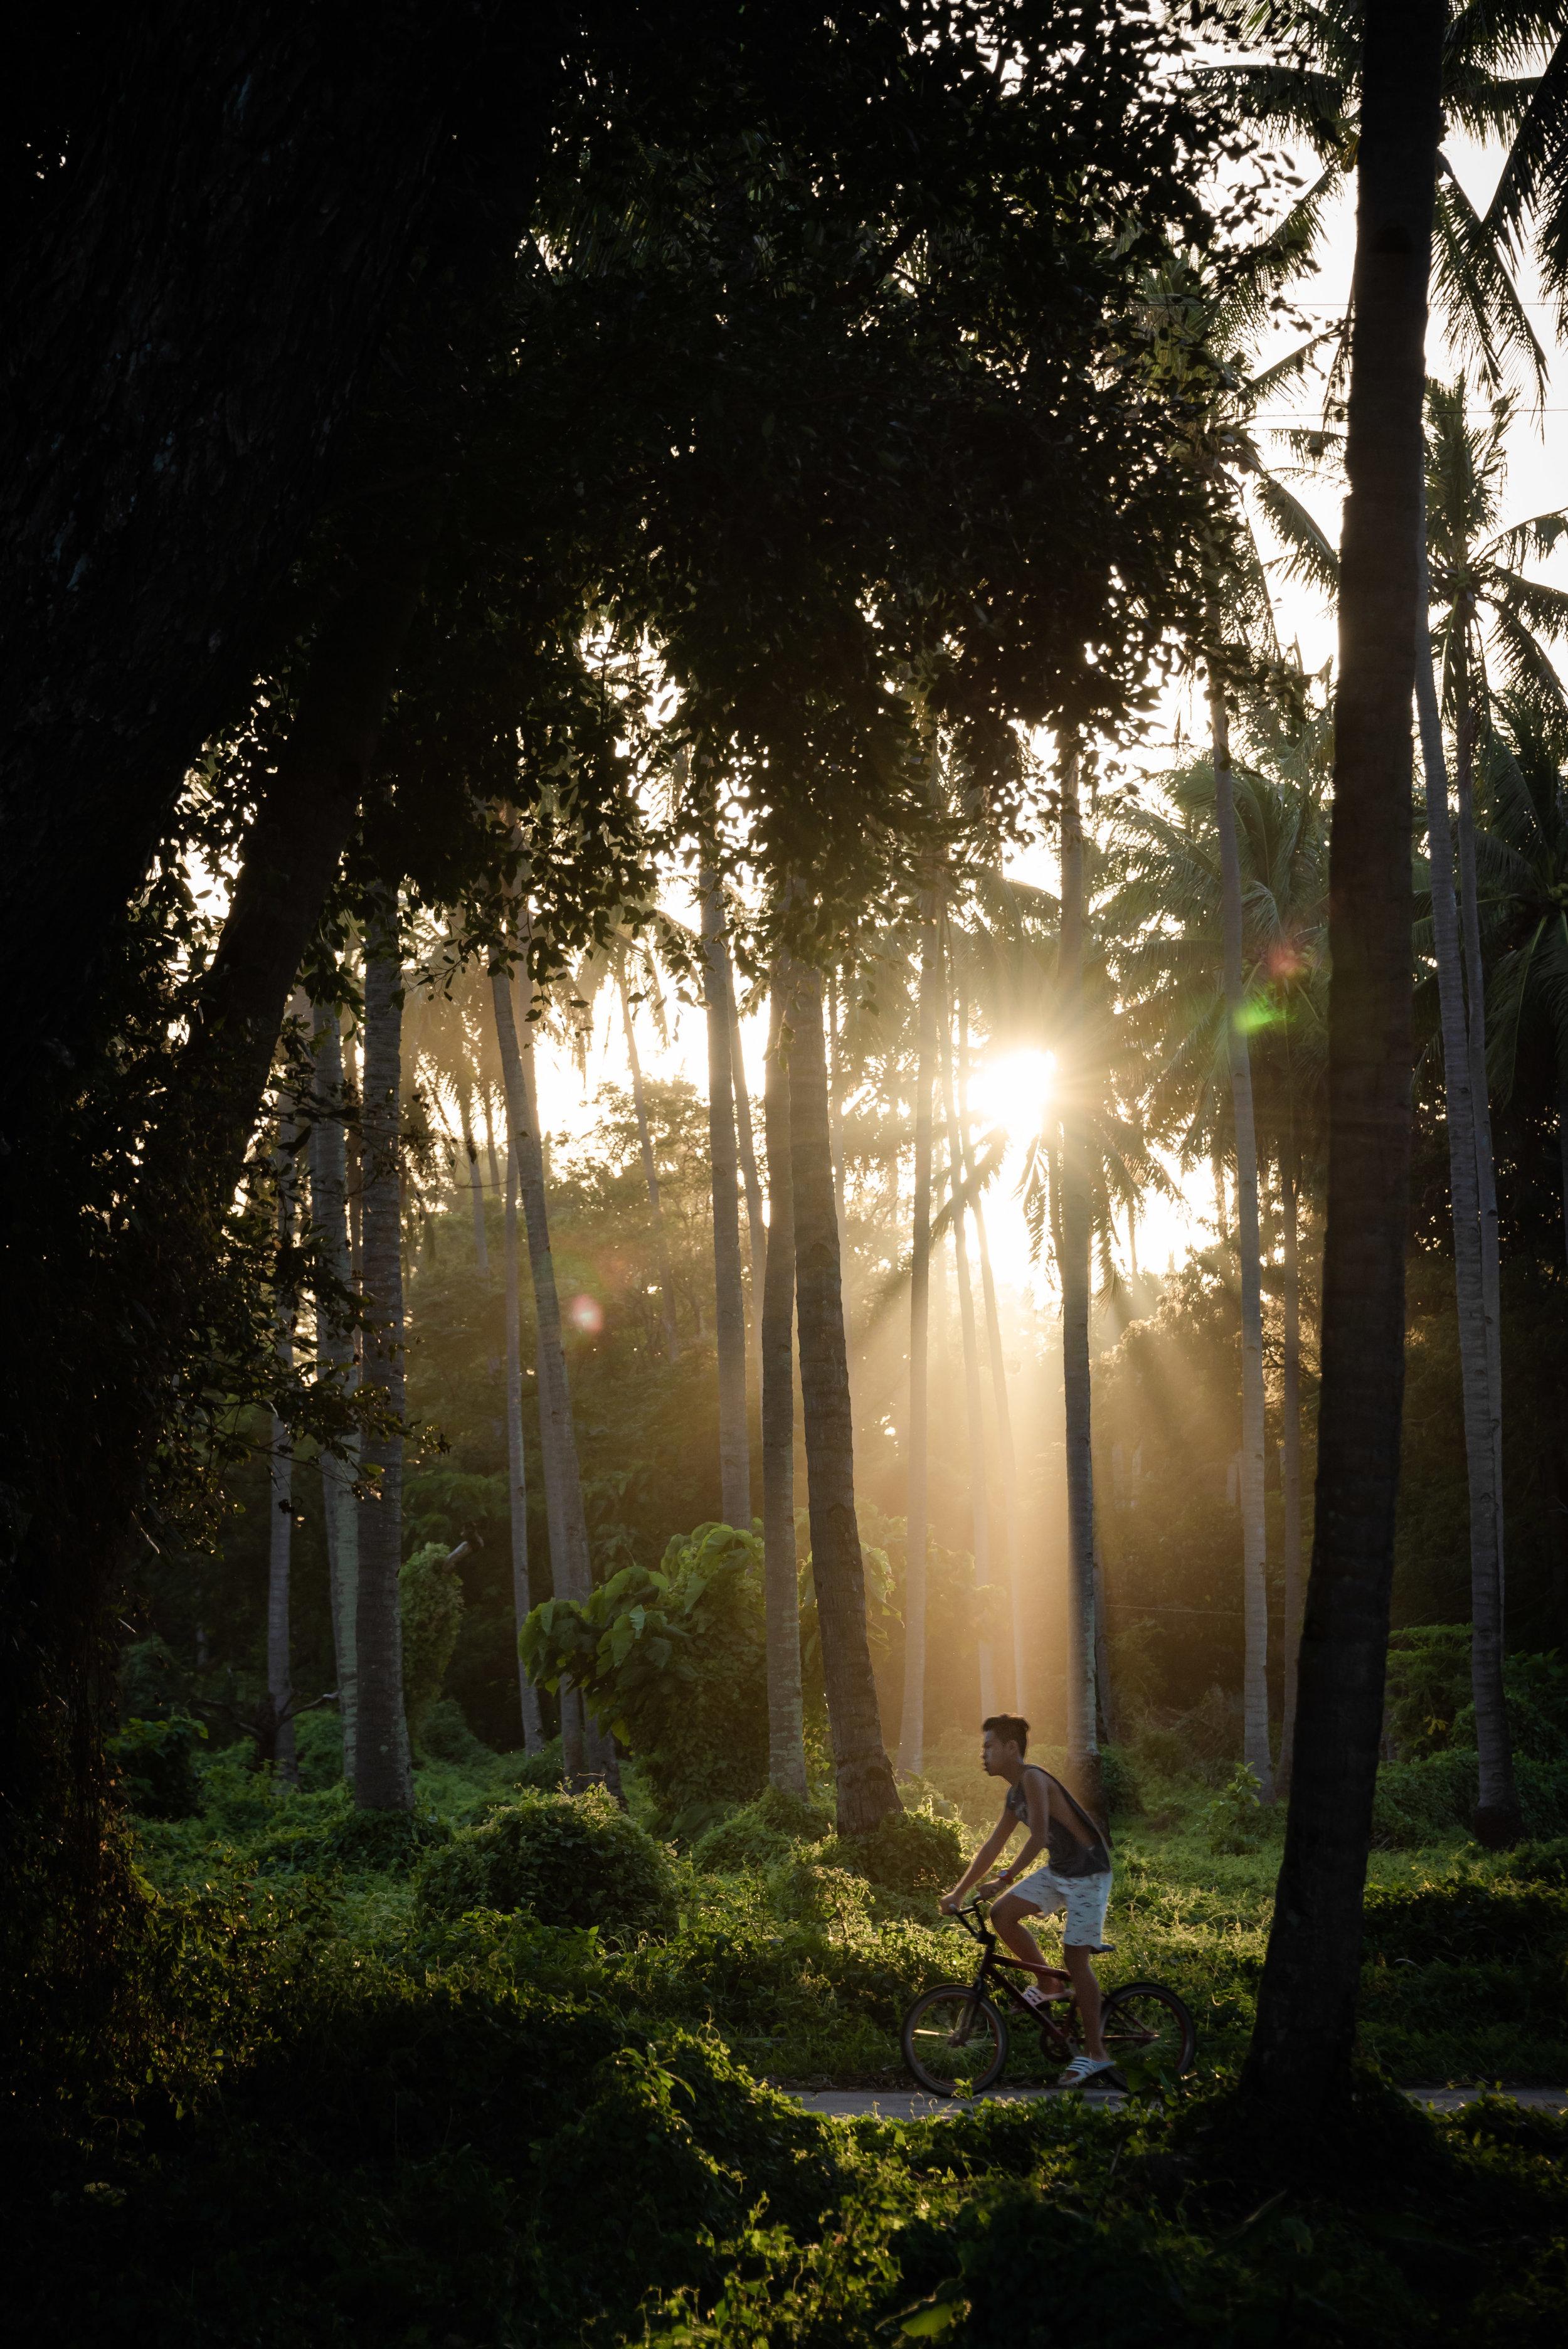 Sunset from Kite In Negros' shack, Zamboanguita, Negros Island, Philippines